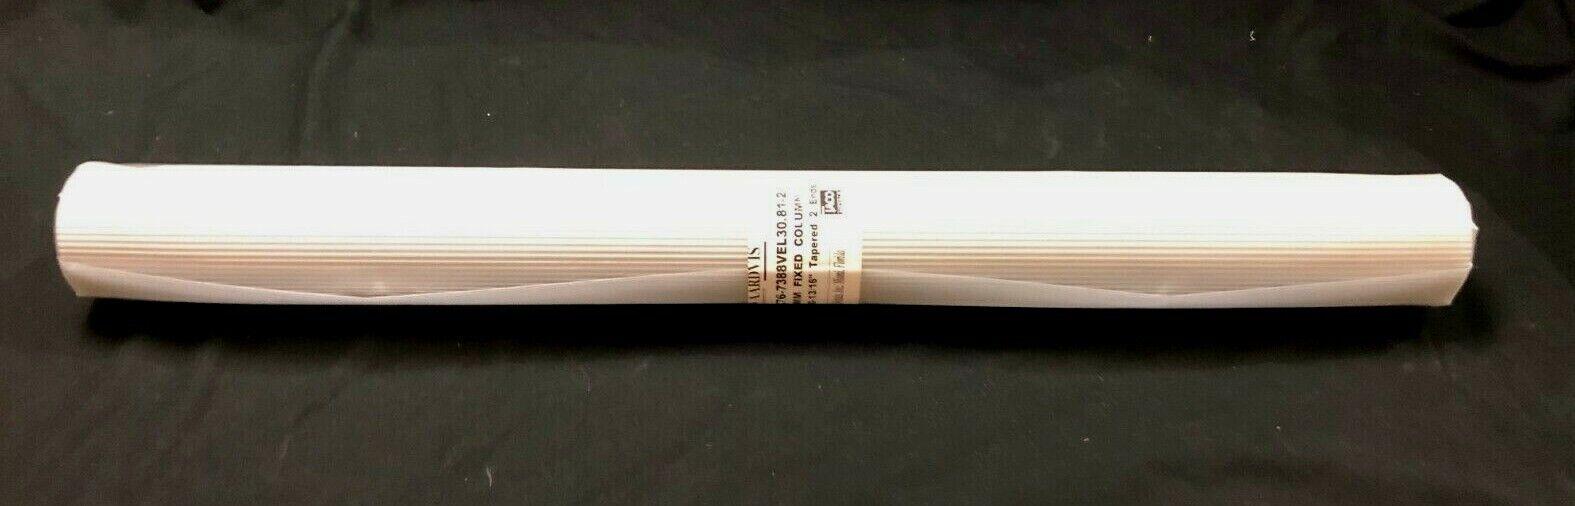 Taco zwaardvis Z76-7388VEL30.81-2 de Largoitud 76 mm de columna  de tabla de forma cónica doble  los nuevos estilos calientes